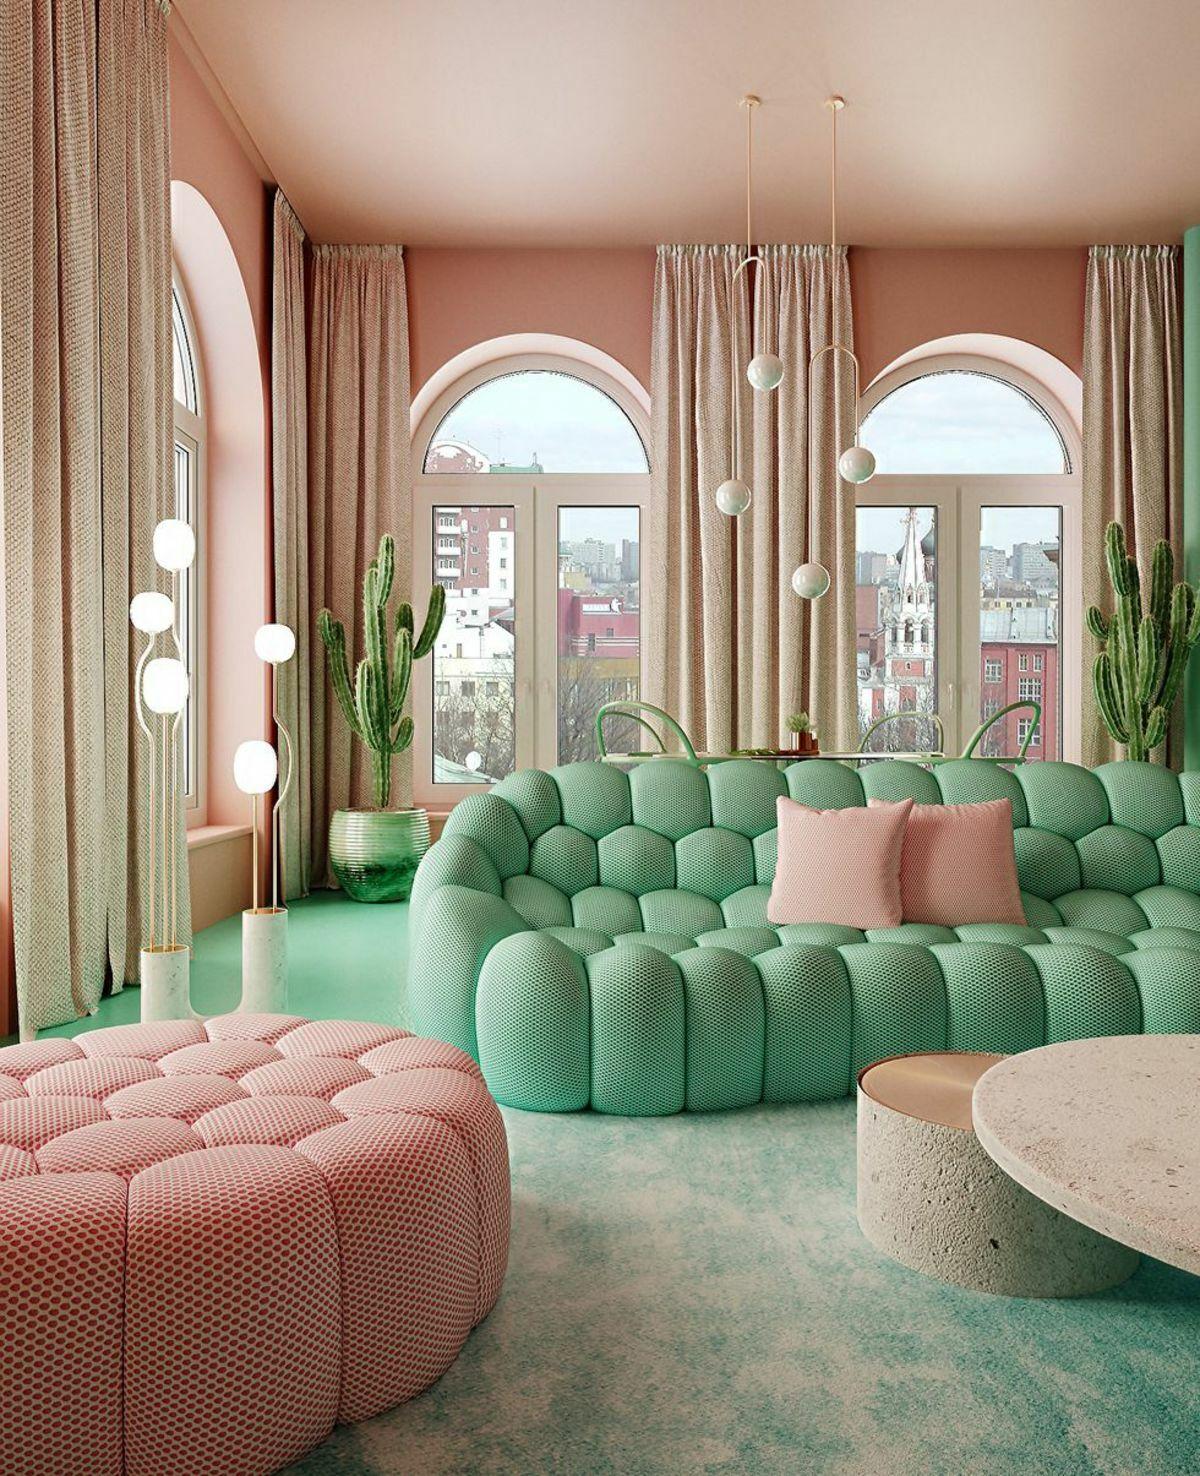 Американцы выбирают российских дизайнеров для оформления своих домов: Яркая квартира с кактусами в Нью-Йорке